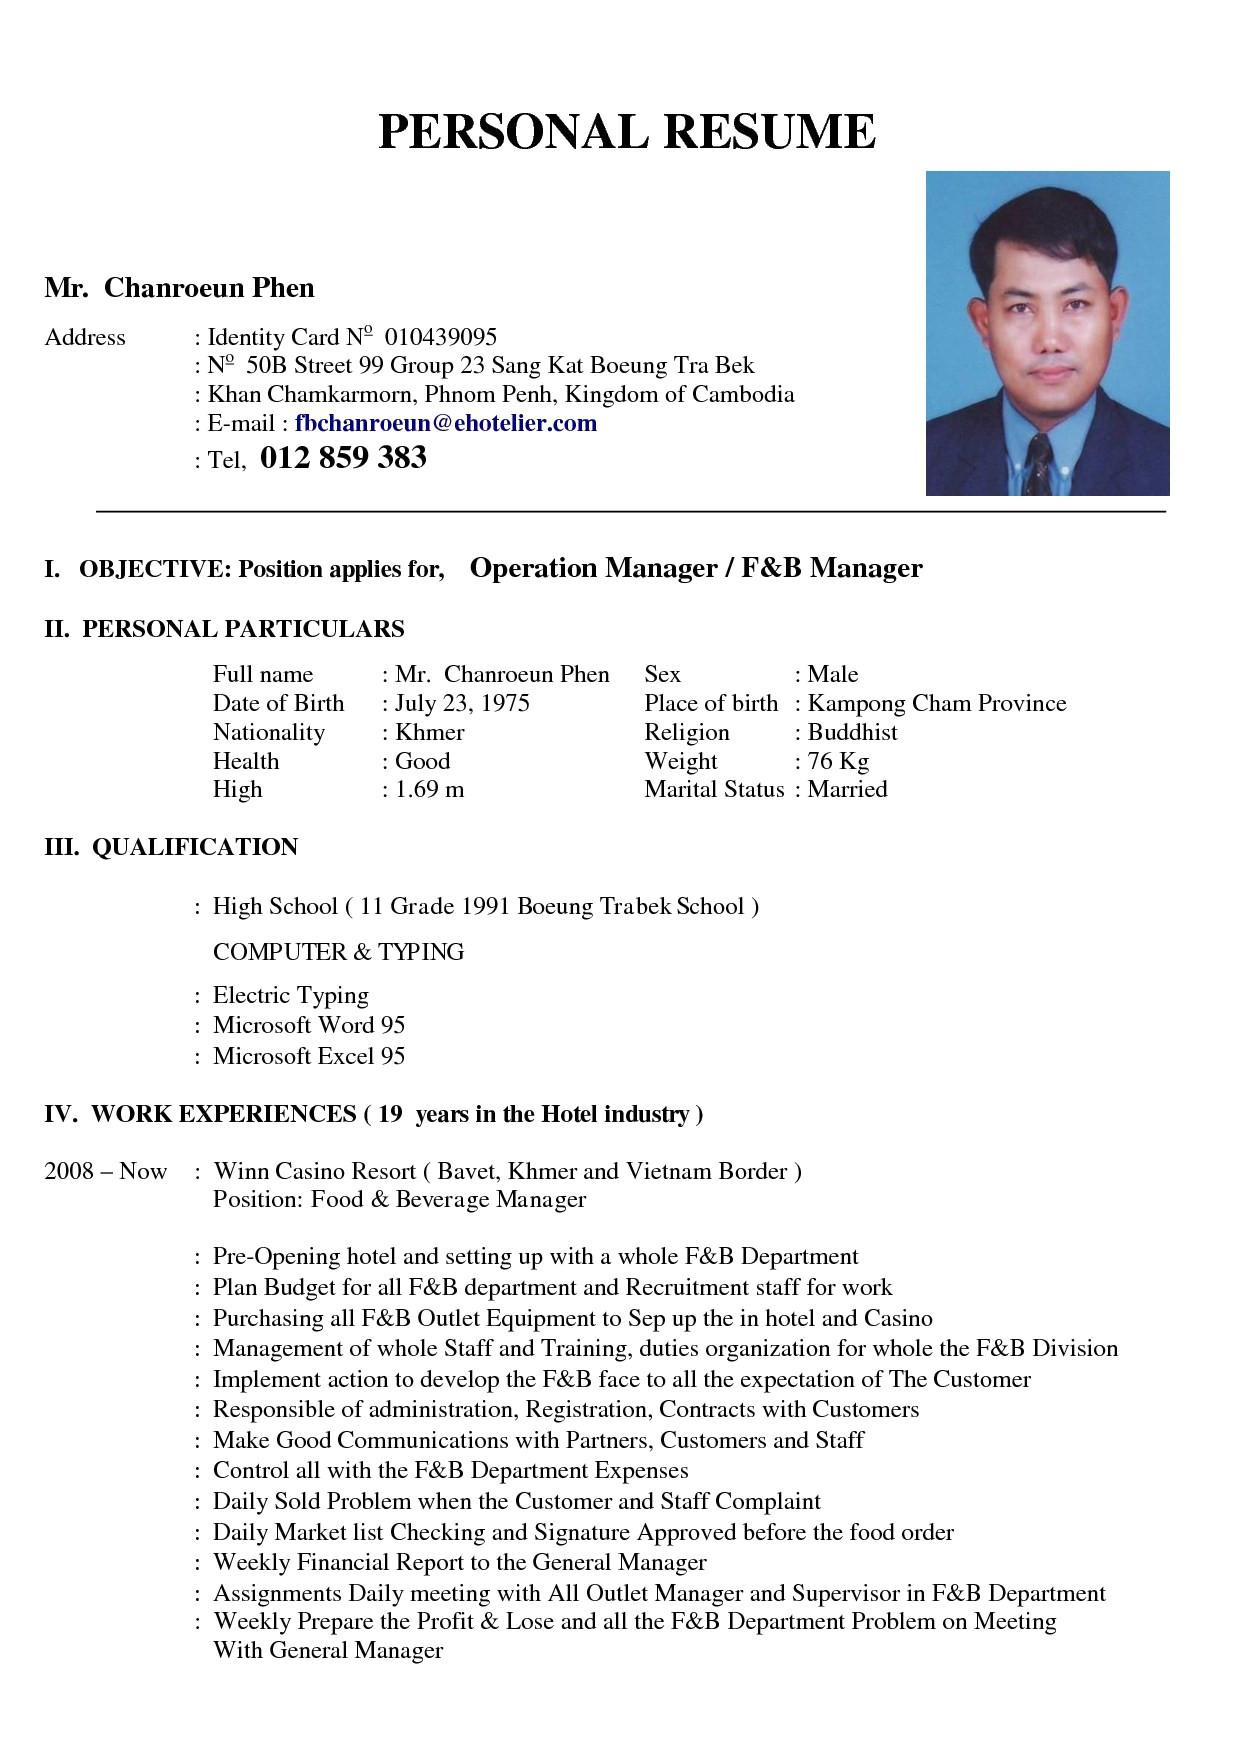 hotel management resume format pdf 1332